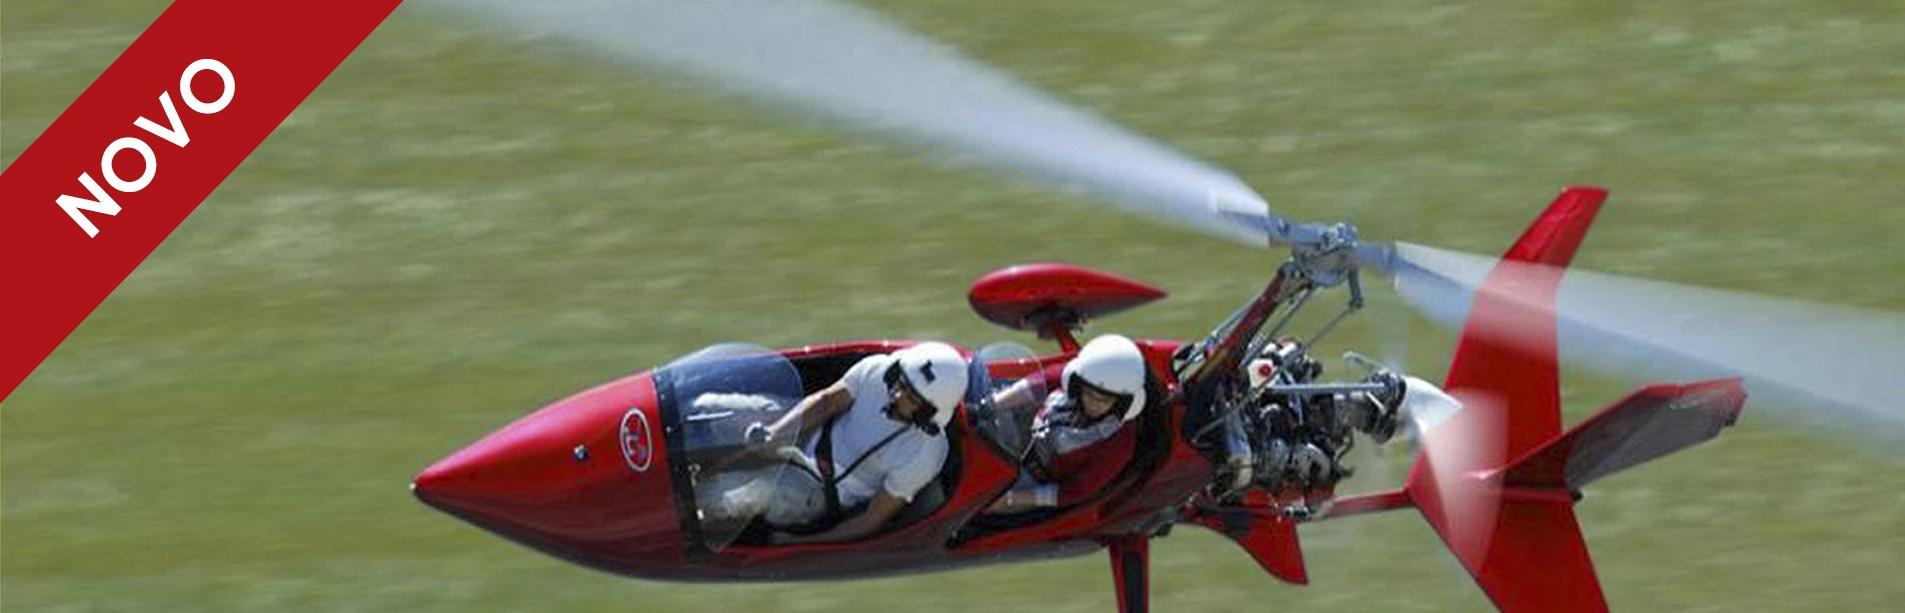 loopingaviacao-curso-de-piloto-desportivo